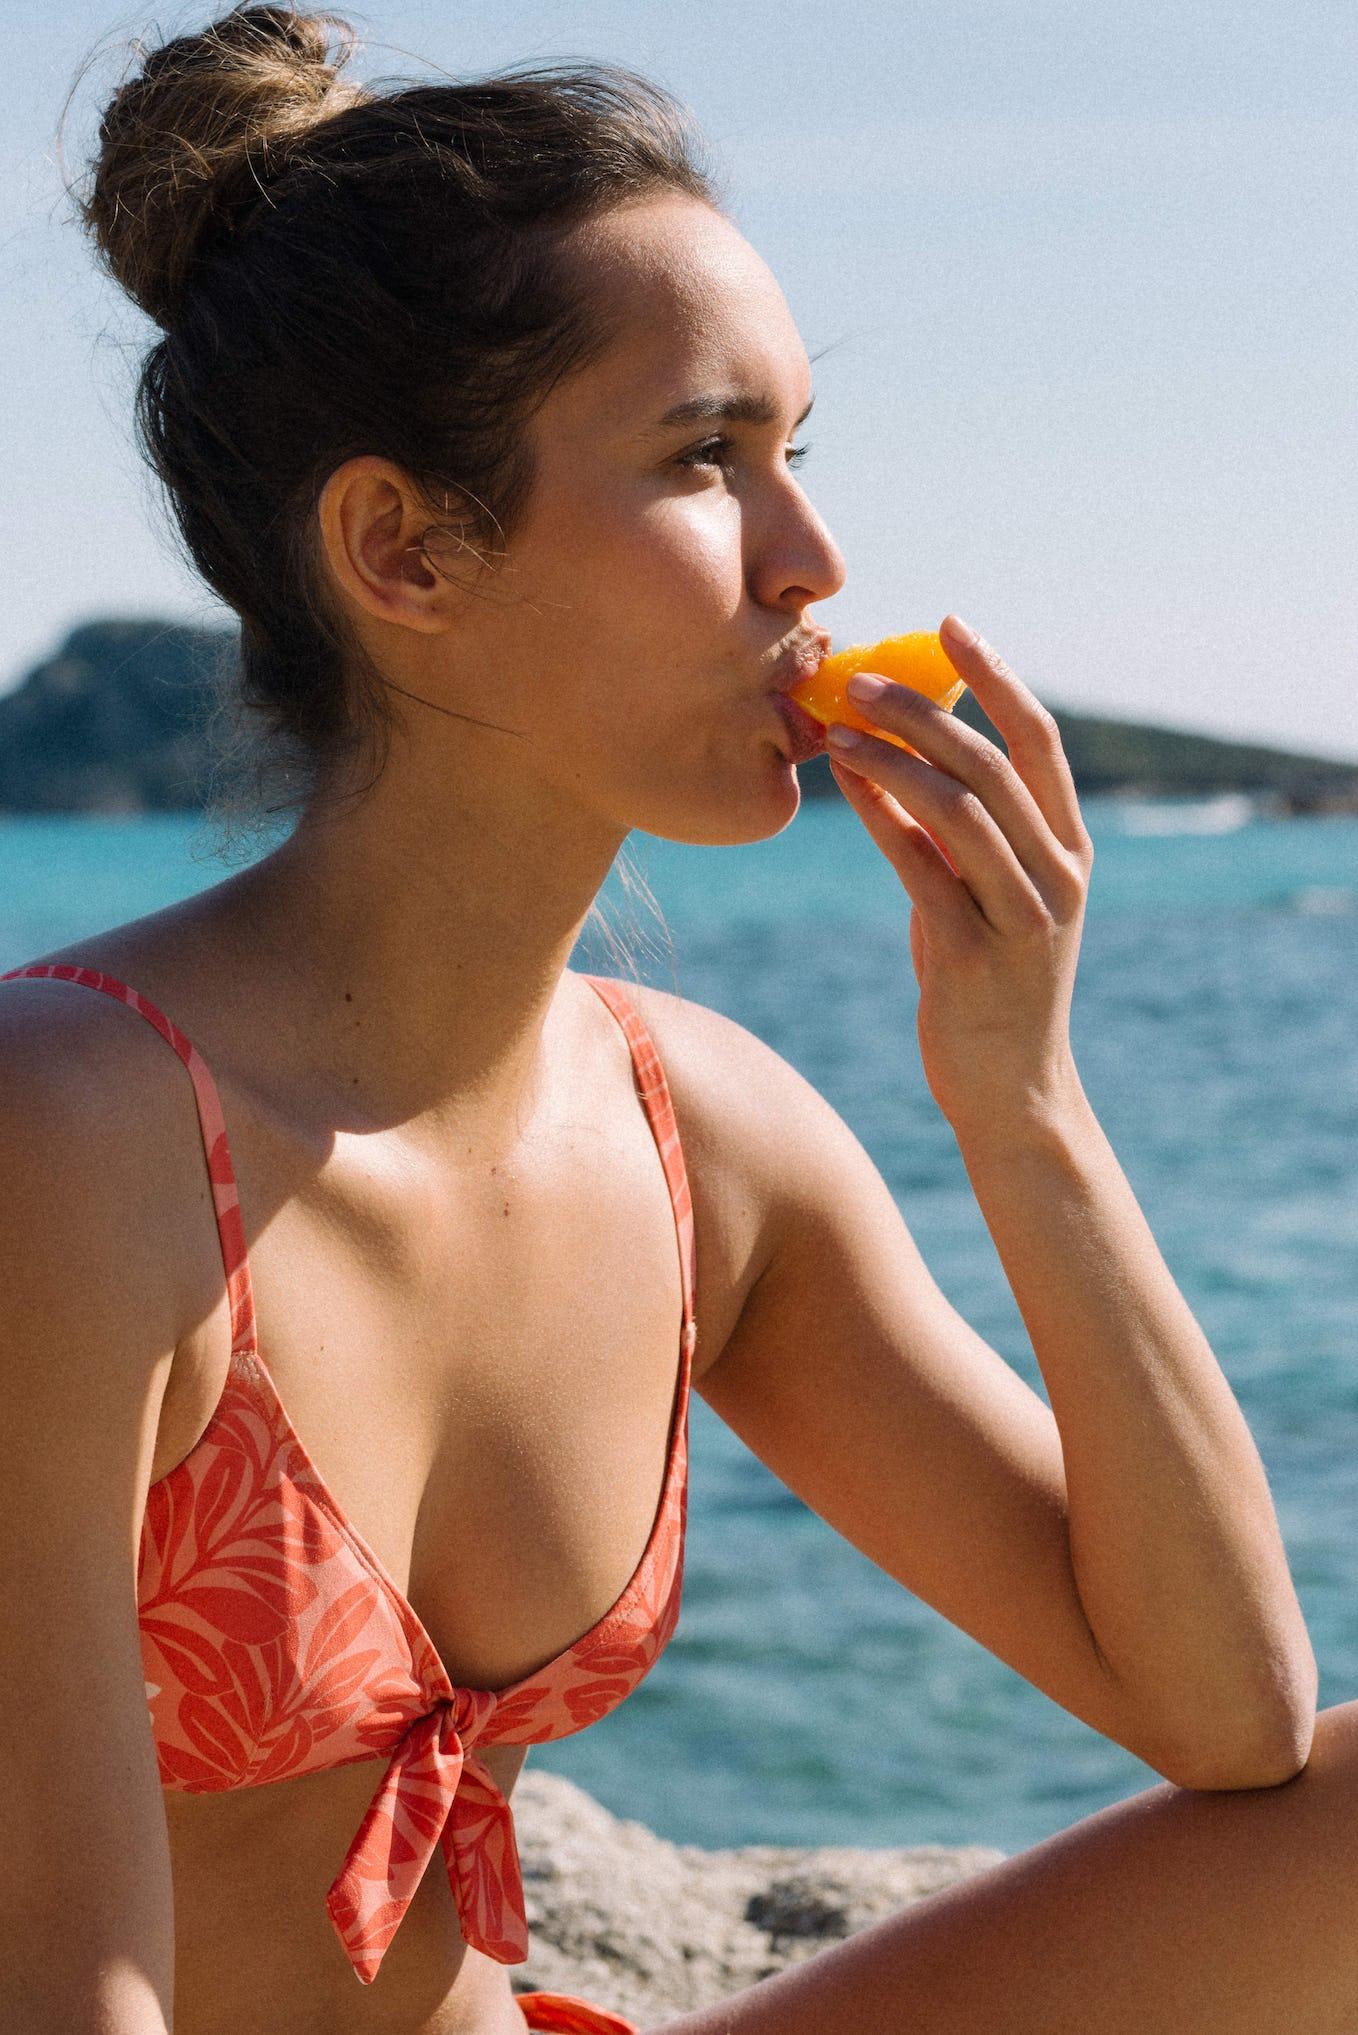 Swimsuit Murmure des vagues with floral print Méditerrannée